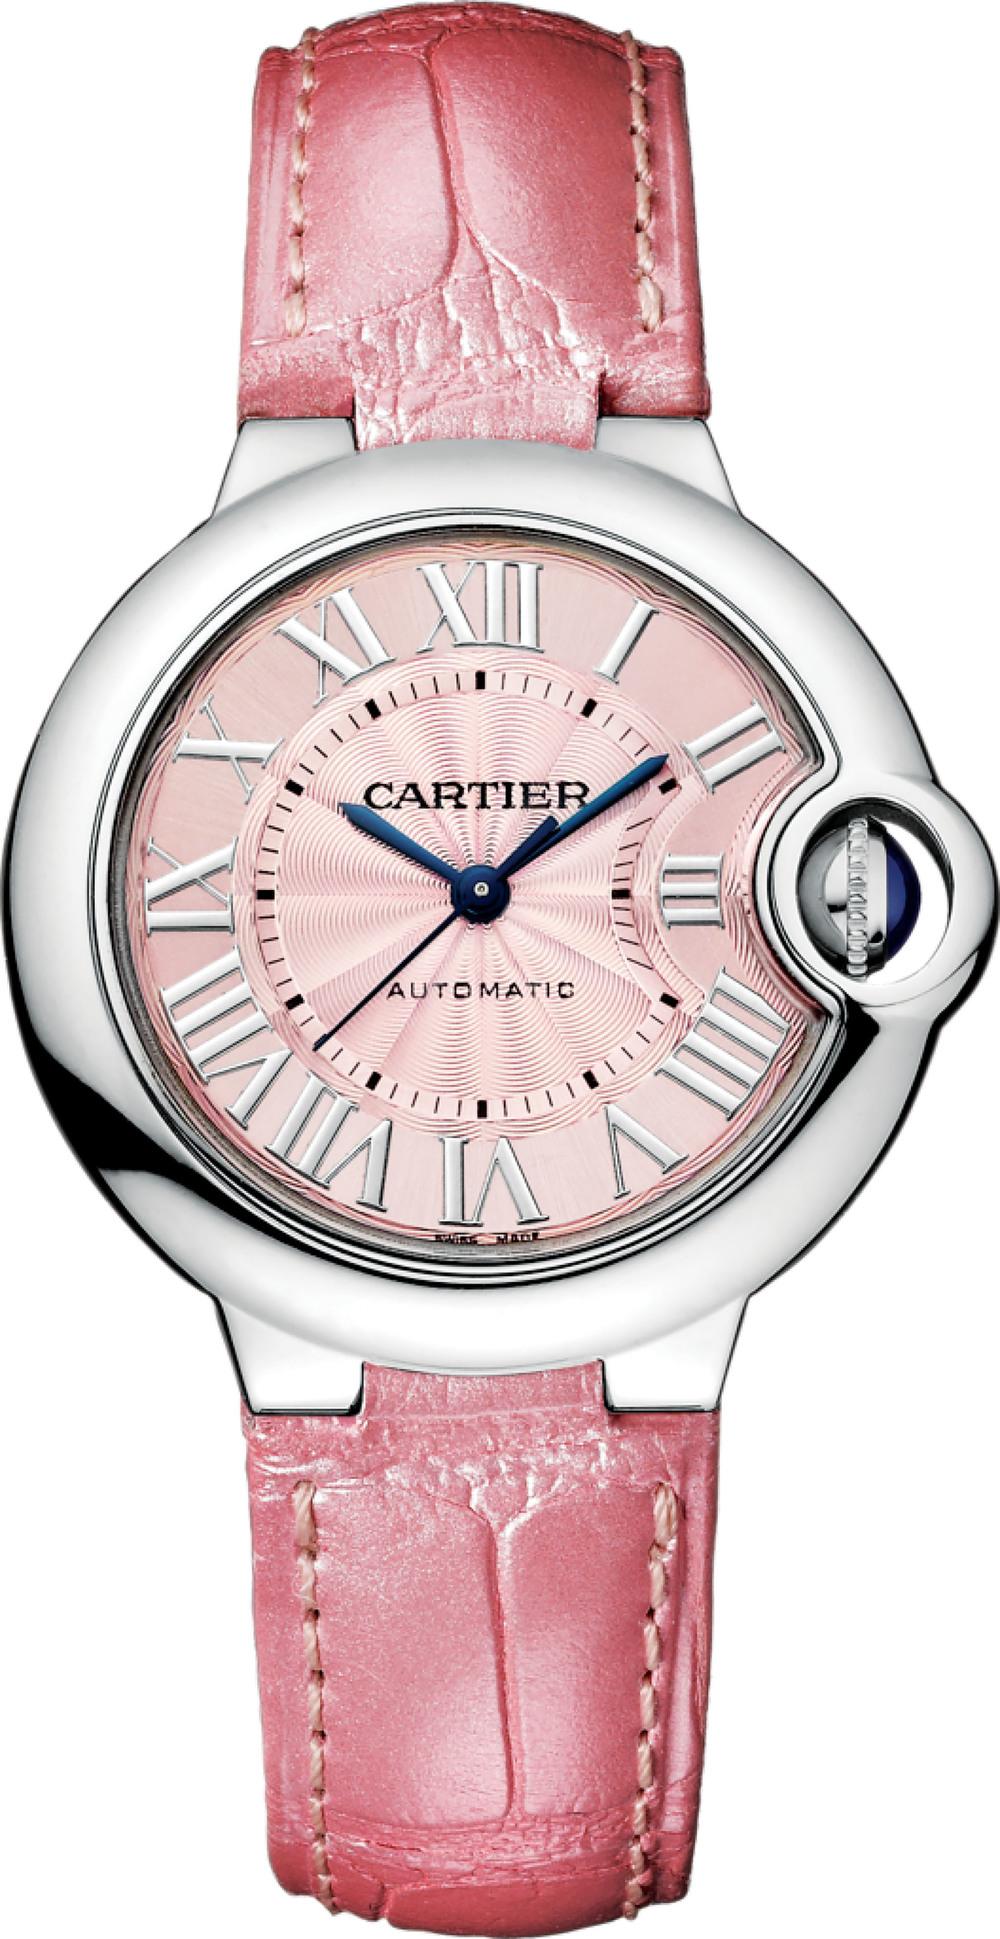 卡地亞藍氣球腕錶  $6,950